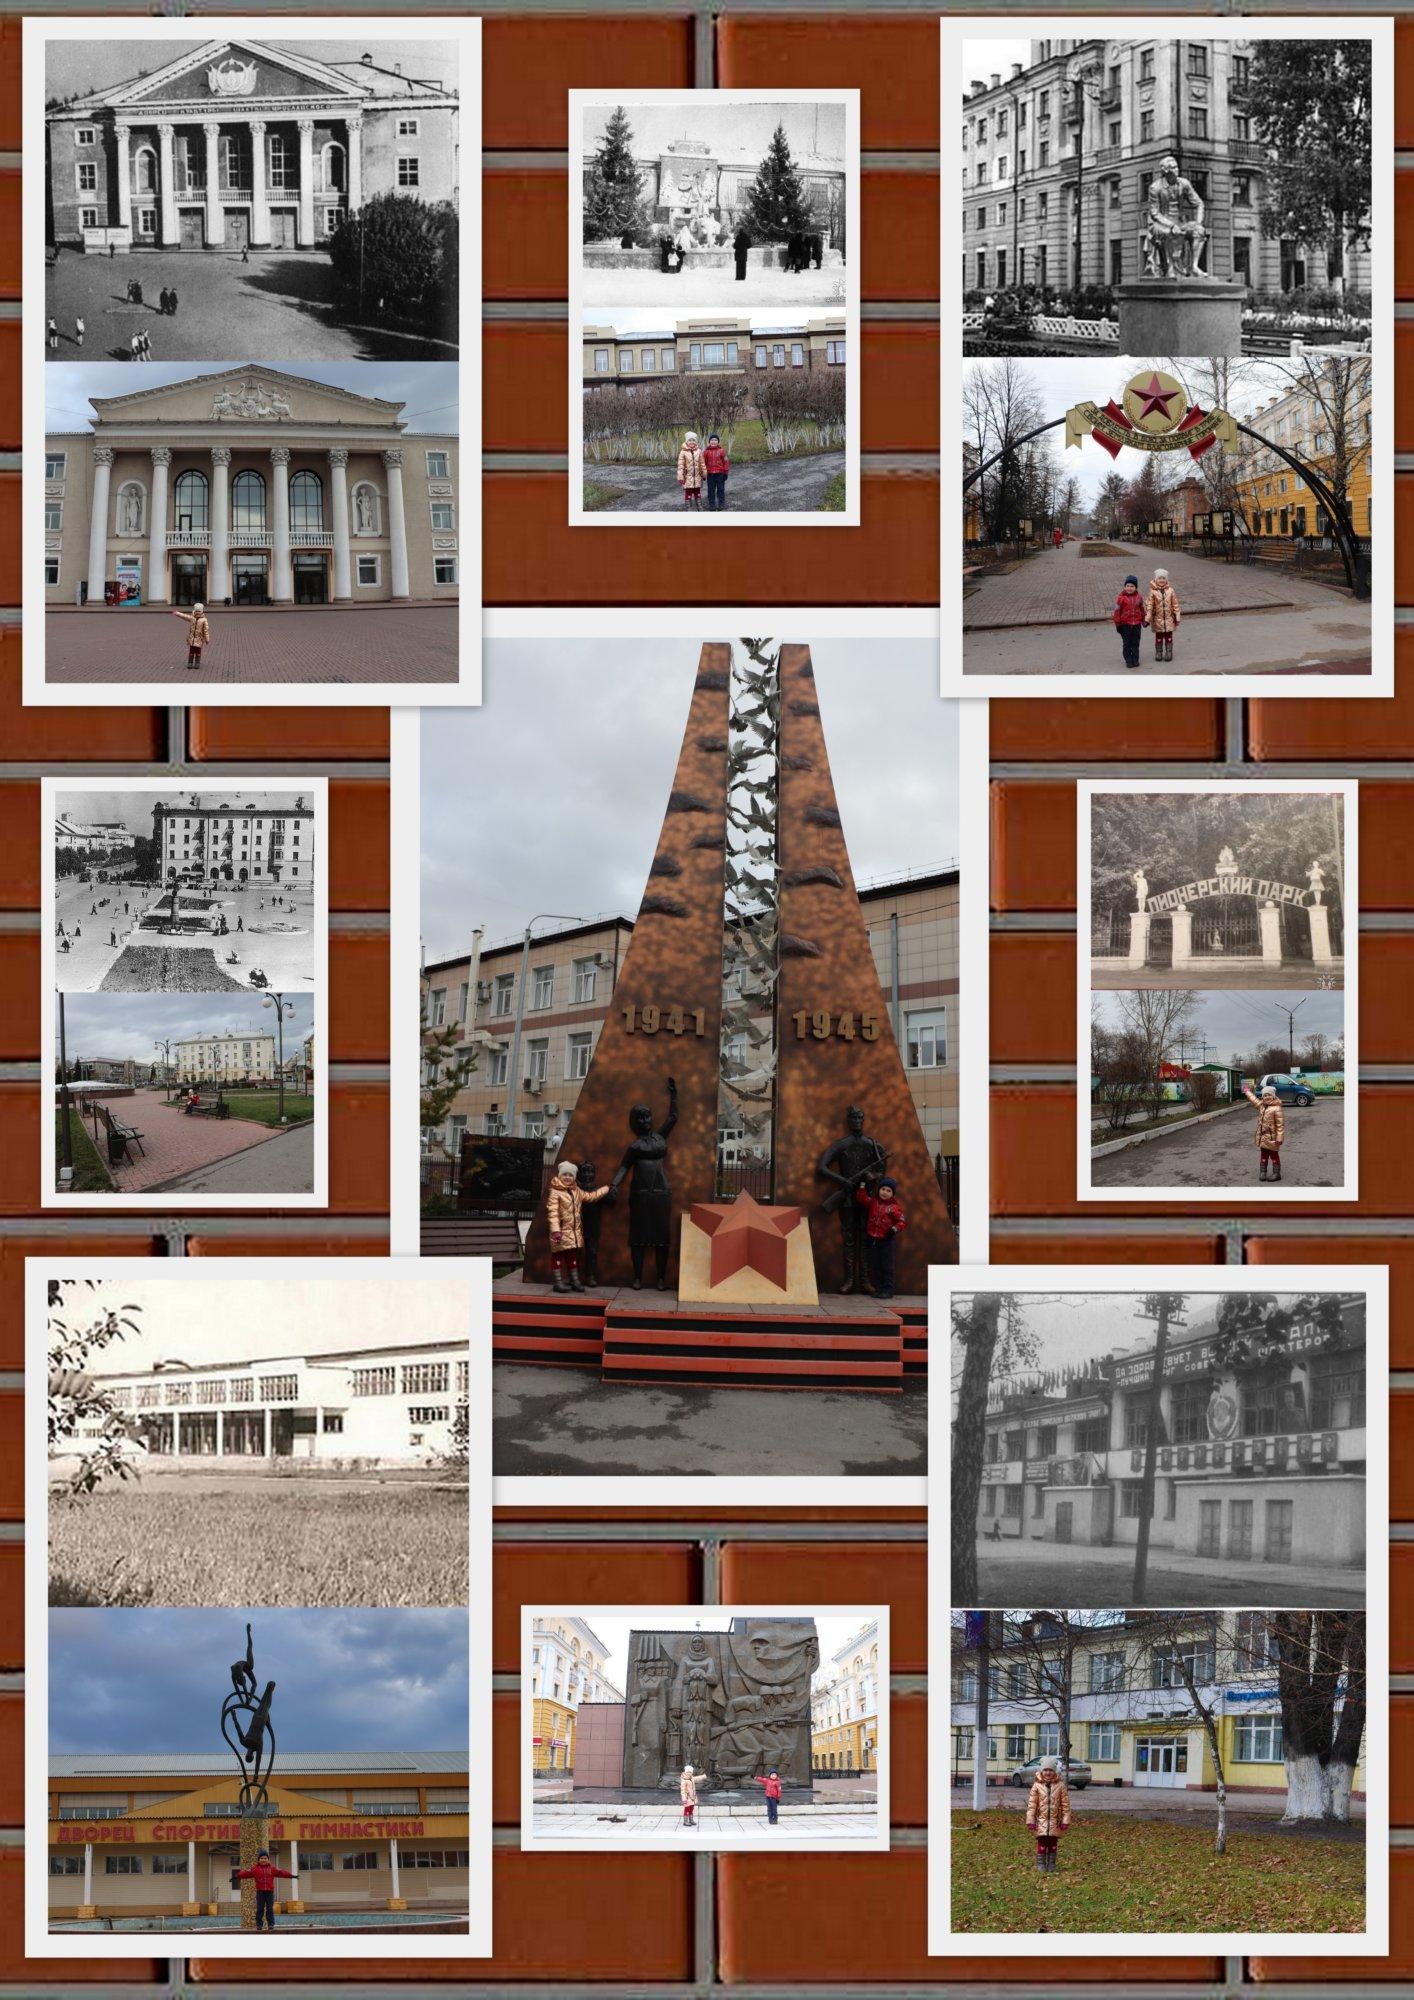 МБДОУ 34 Ленинск-Кузнецкий. Вчера. Сегодня.